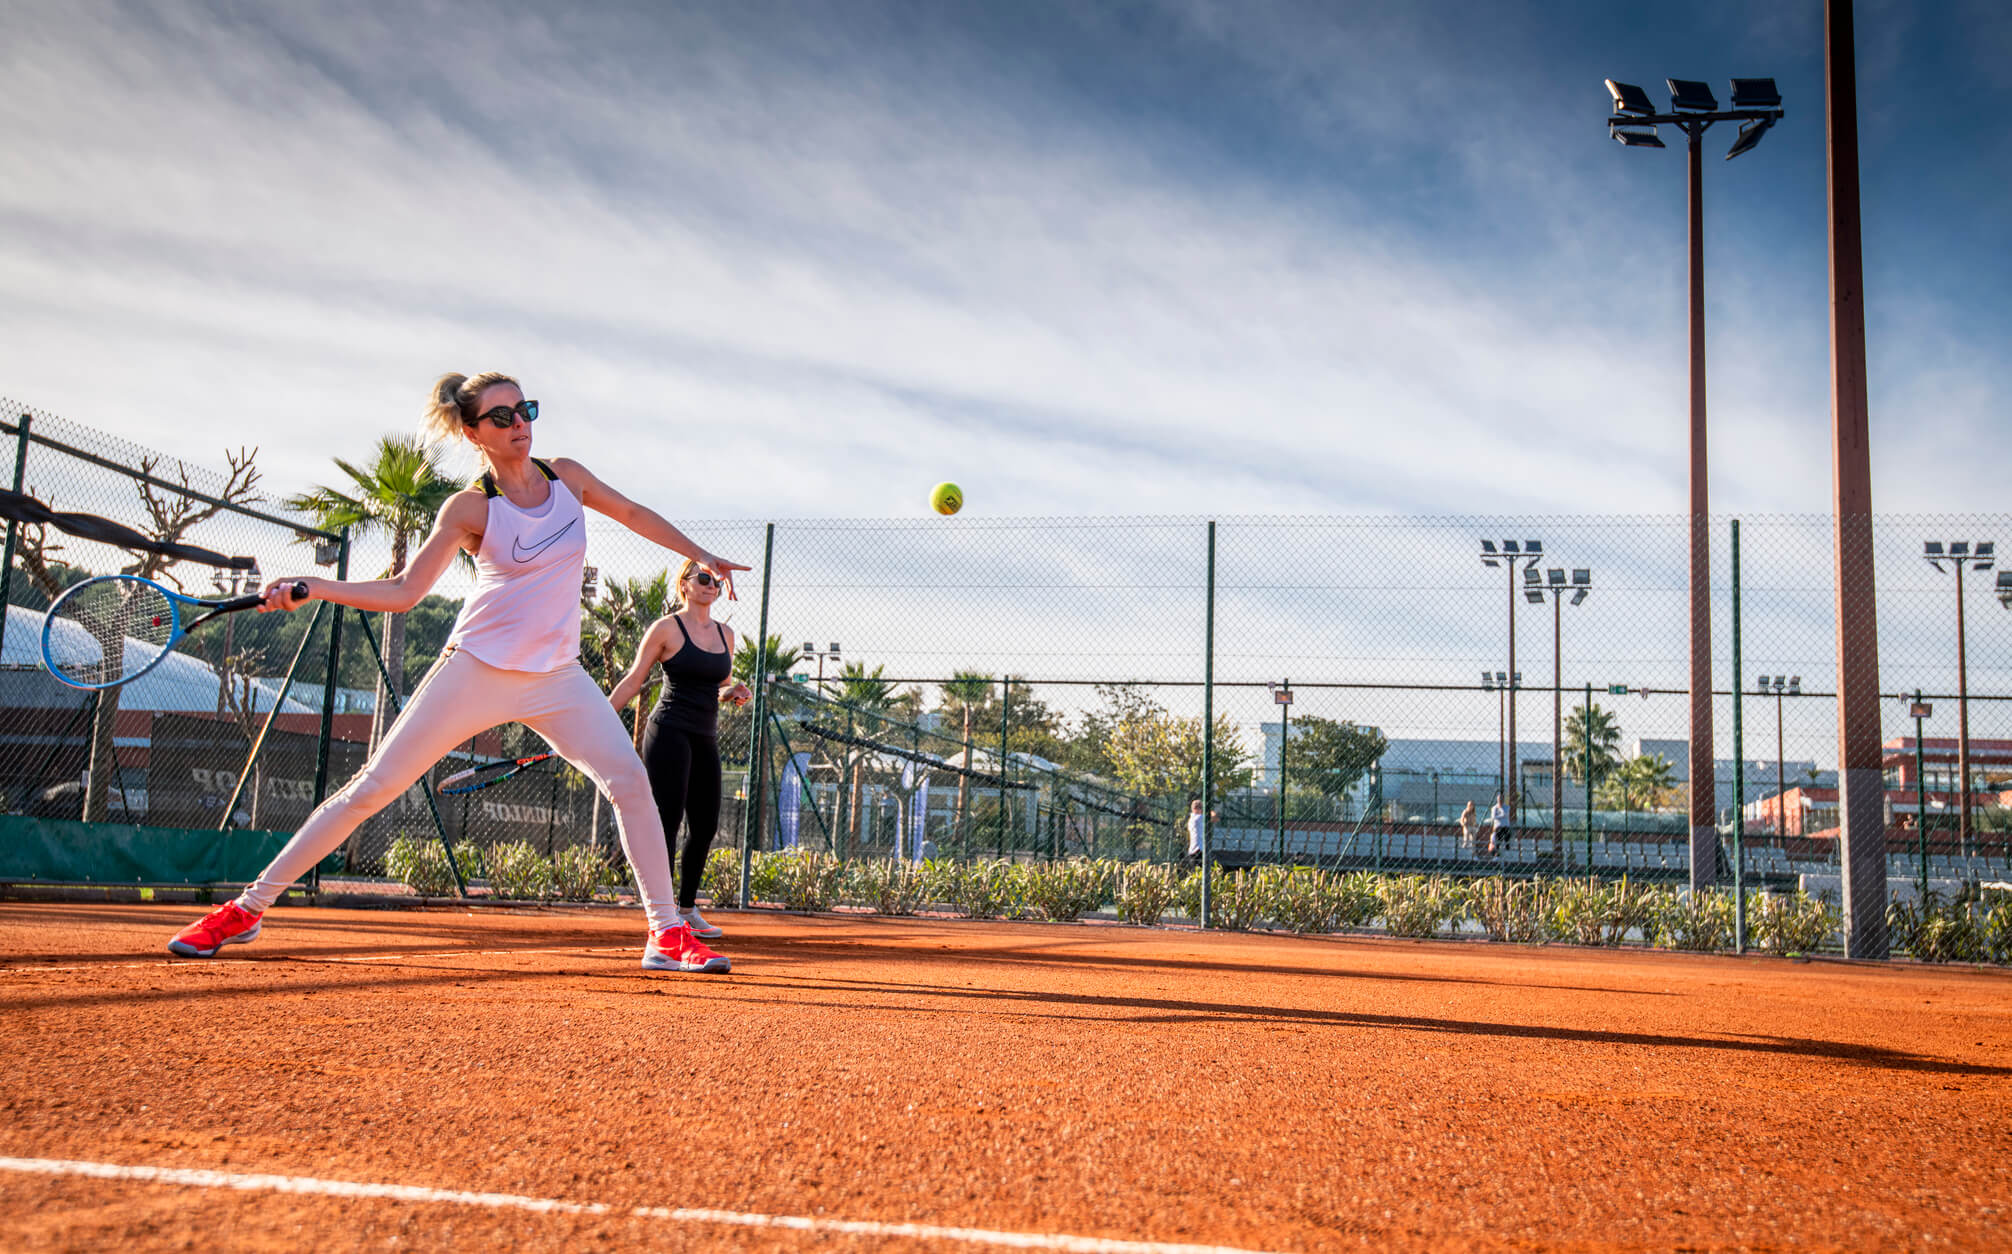 femme-adulte-tennis